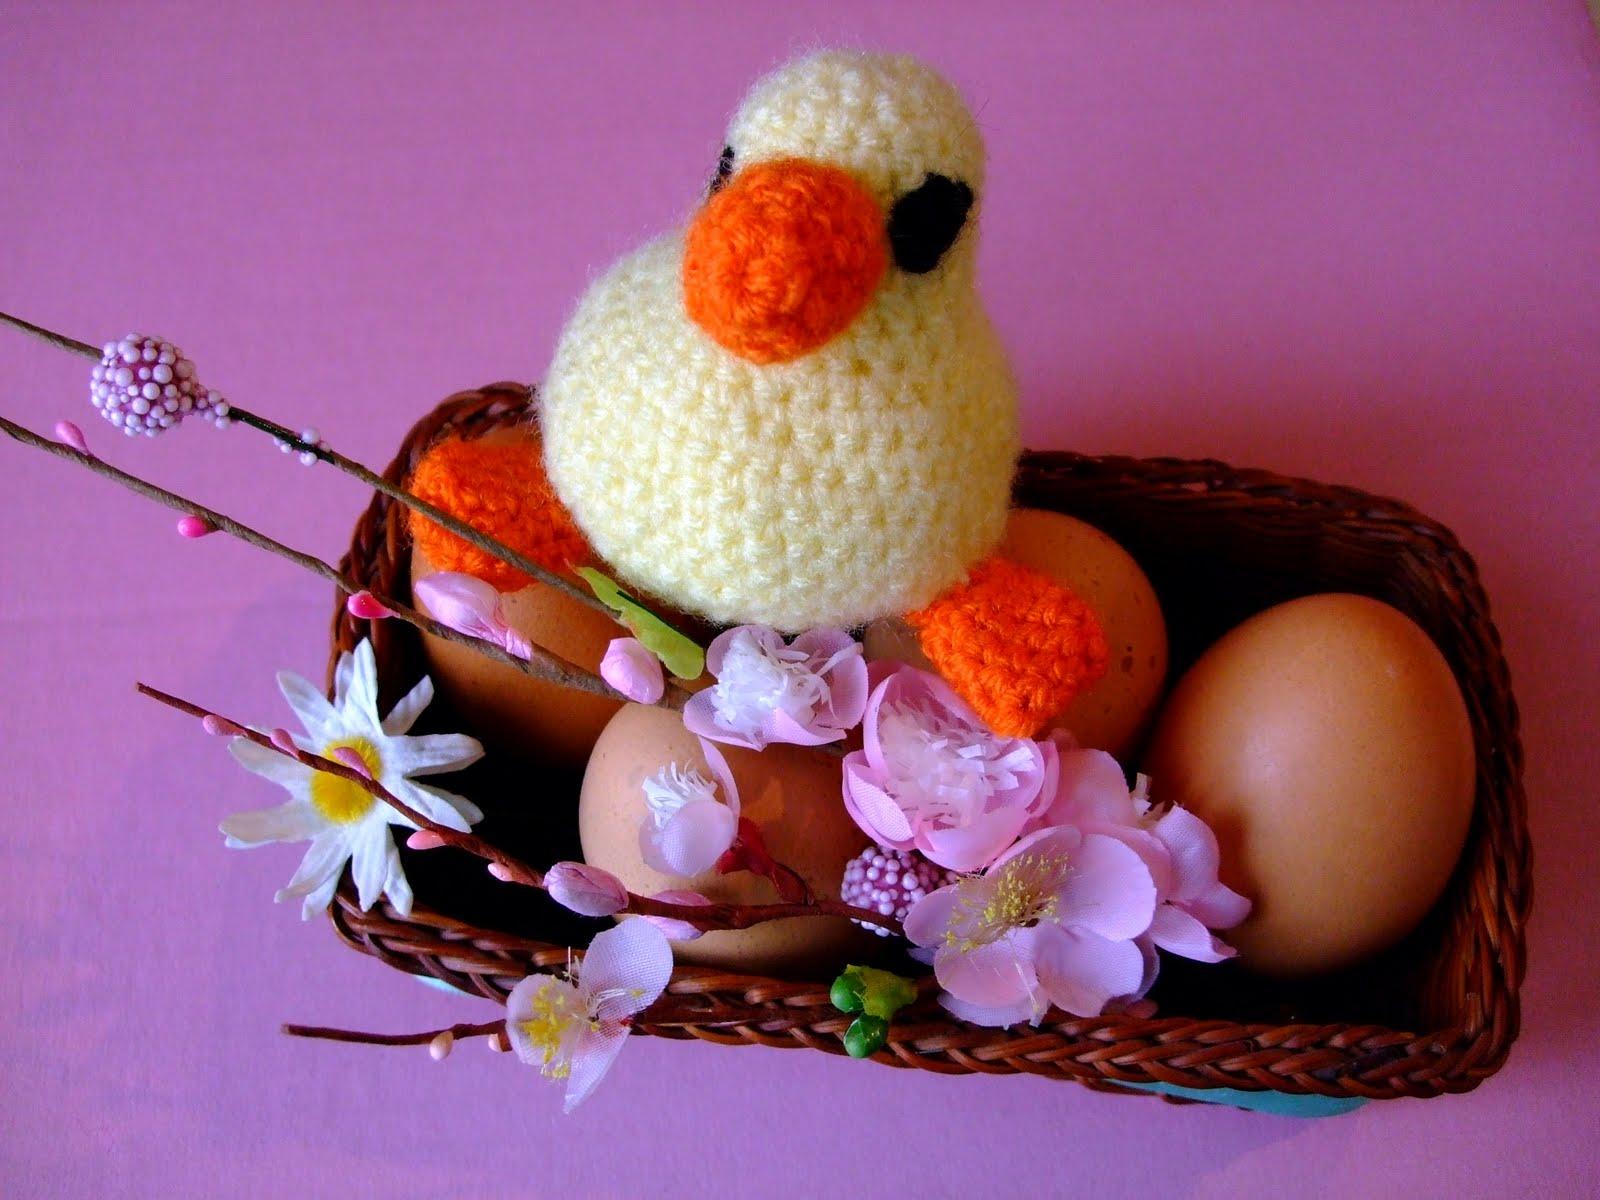 Pulcino Uncinetto Amigurumi Tutorial 🐤 Chick Crochet - Duck ... | 1200x1600